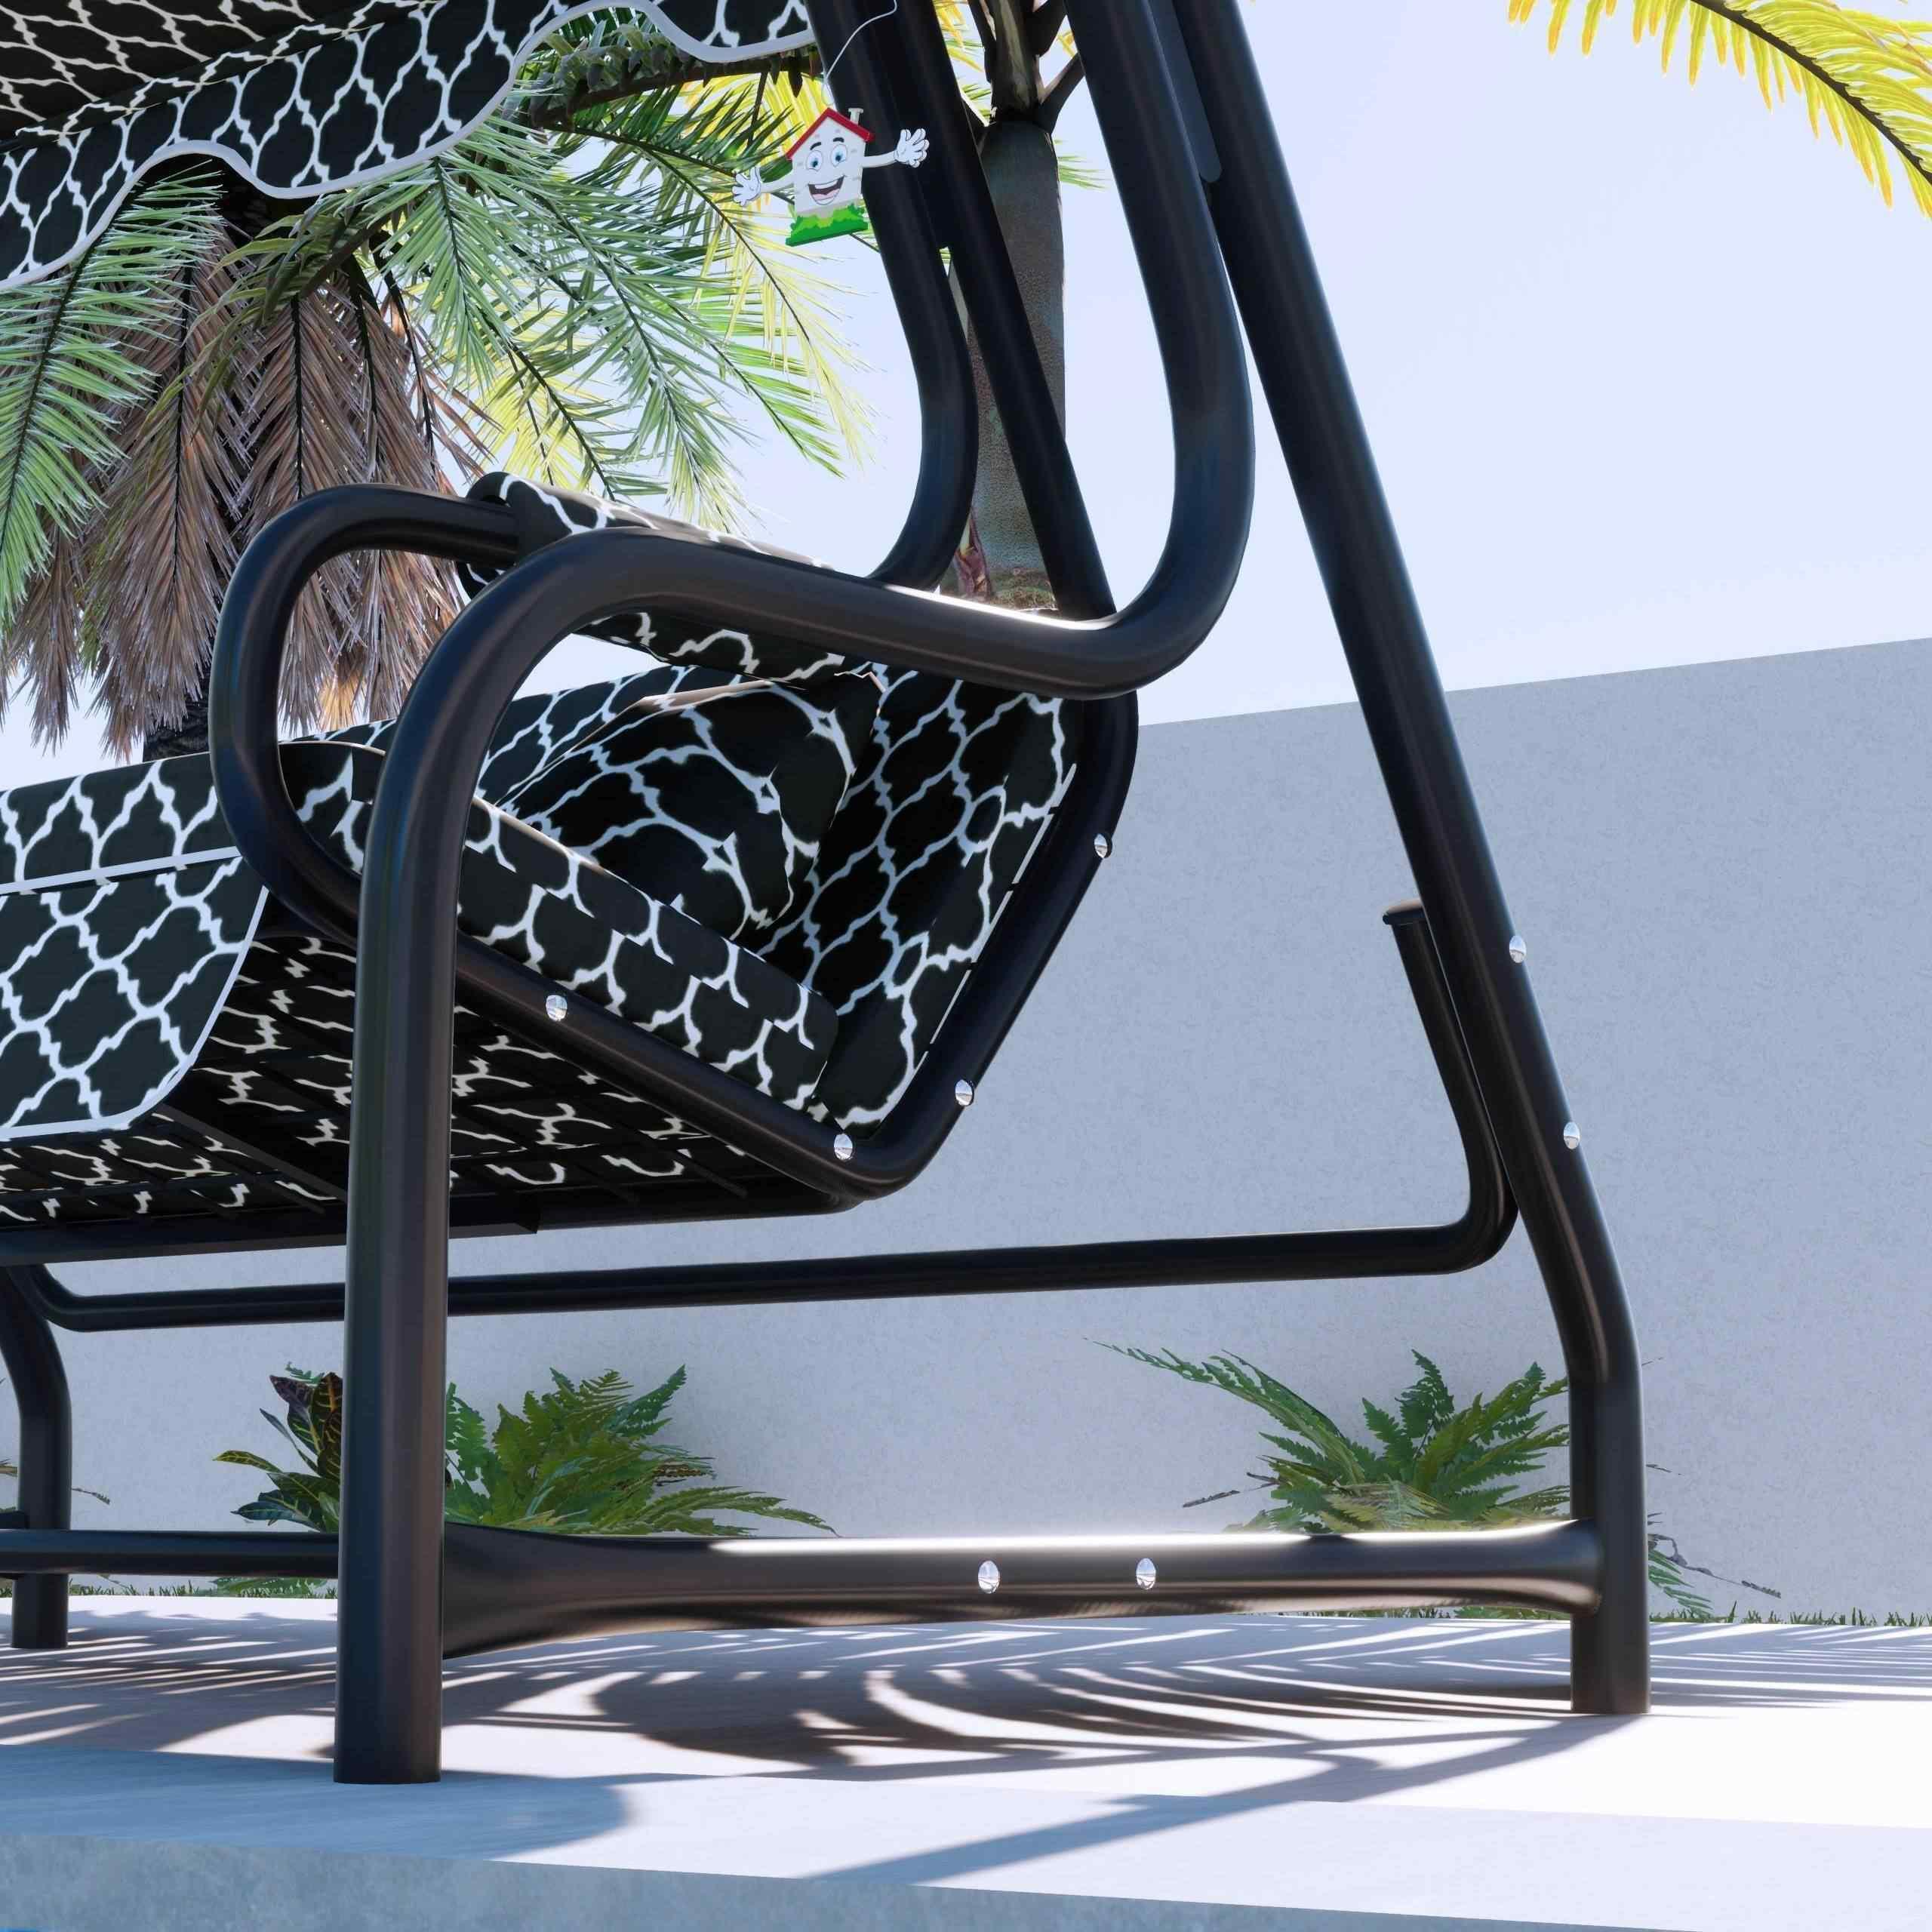 Maystro Karaburun 3 Kişilik Bahçe Salıncağı Balkon Salıncak 200 cm